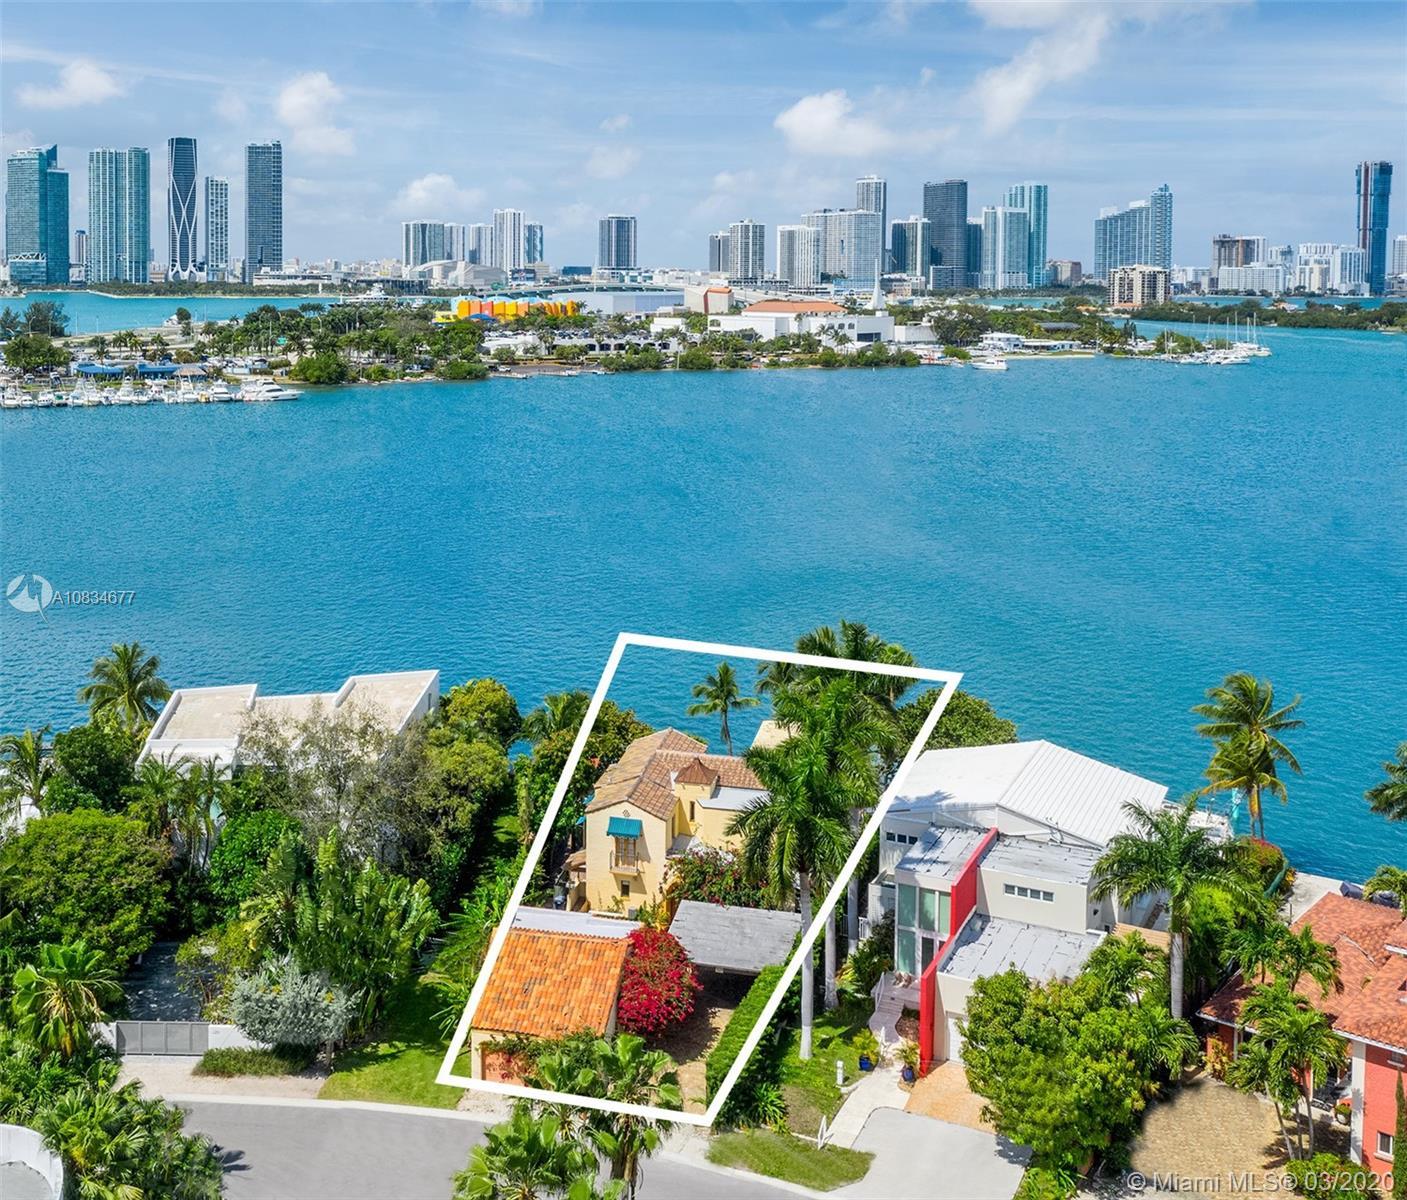 317 N Coconut Ln Luxury Real Estate